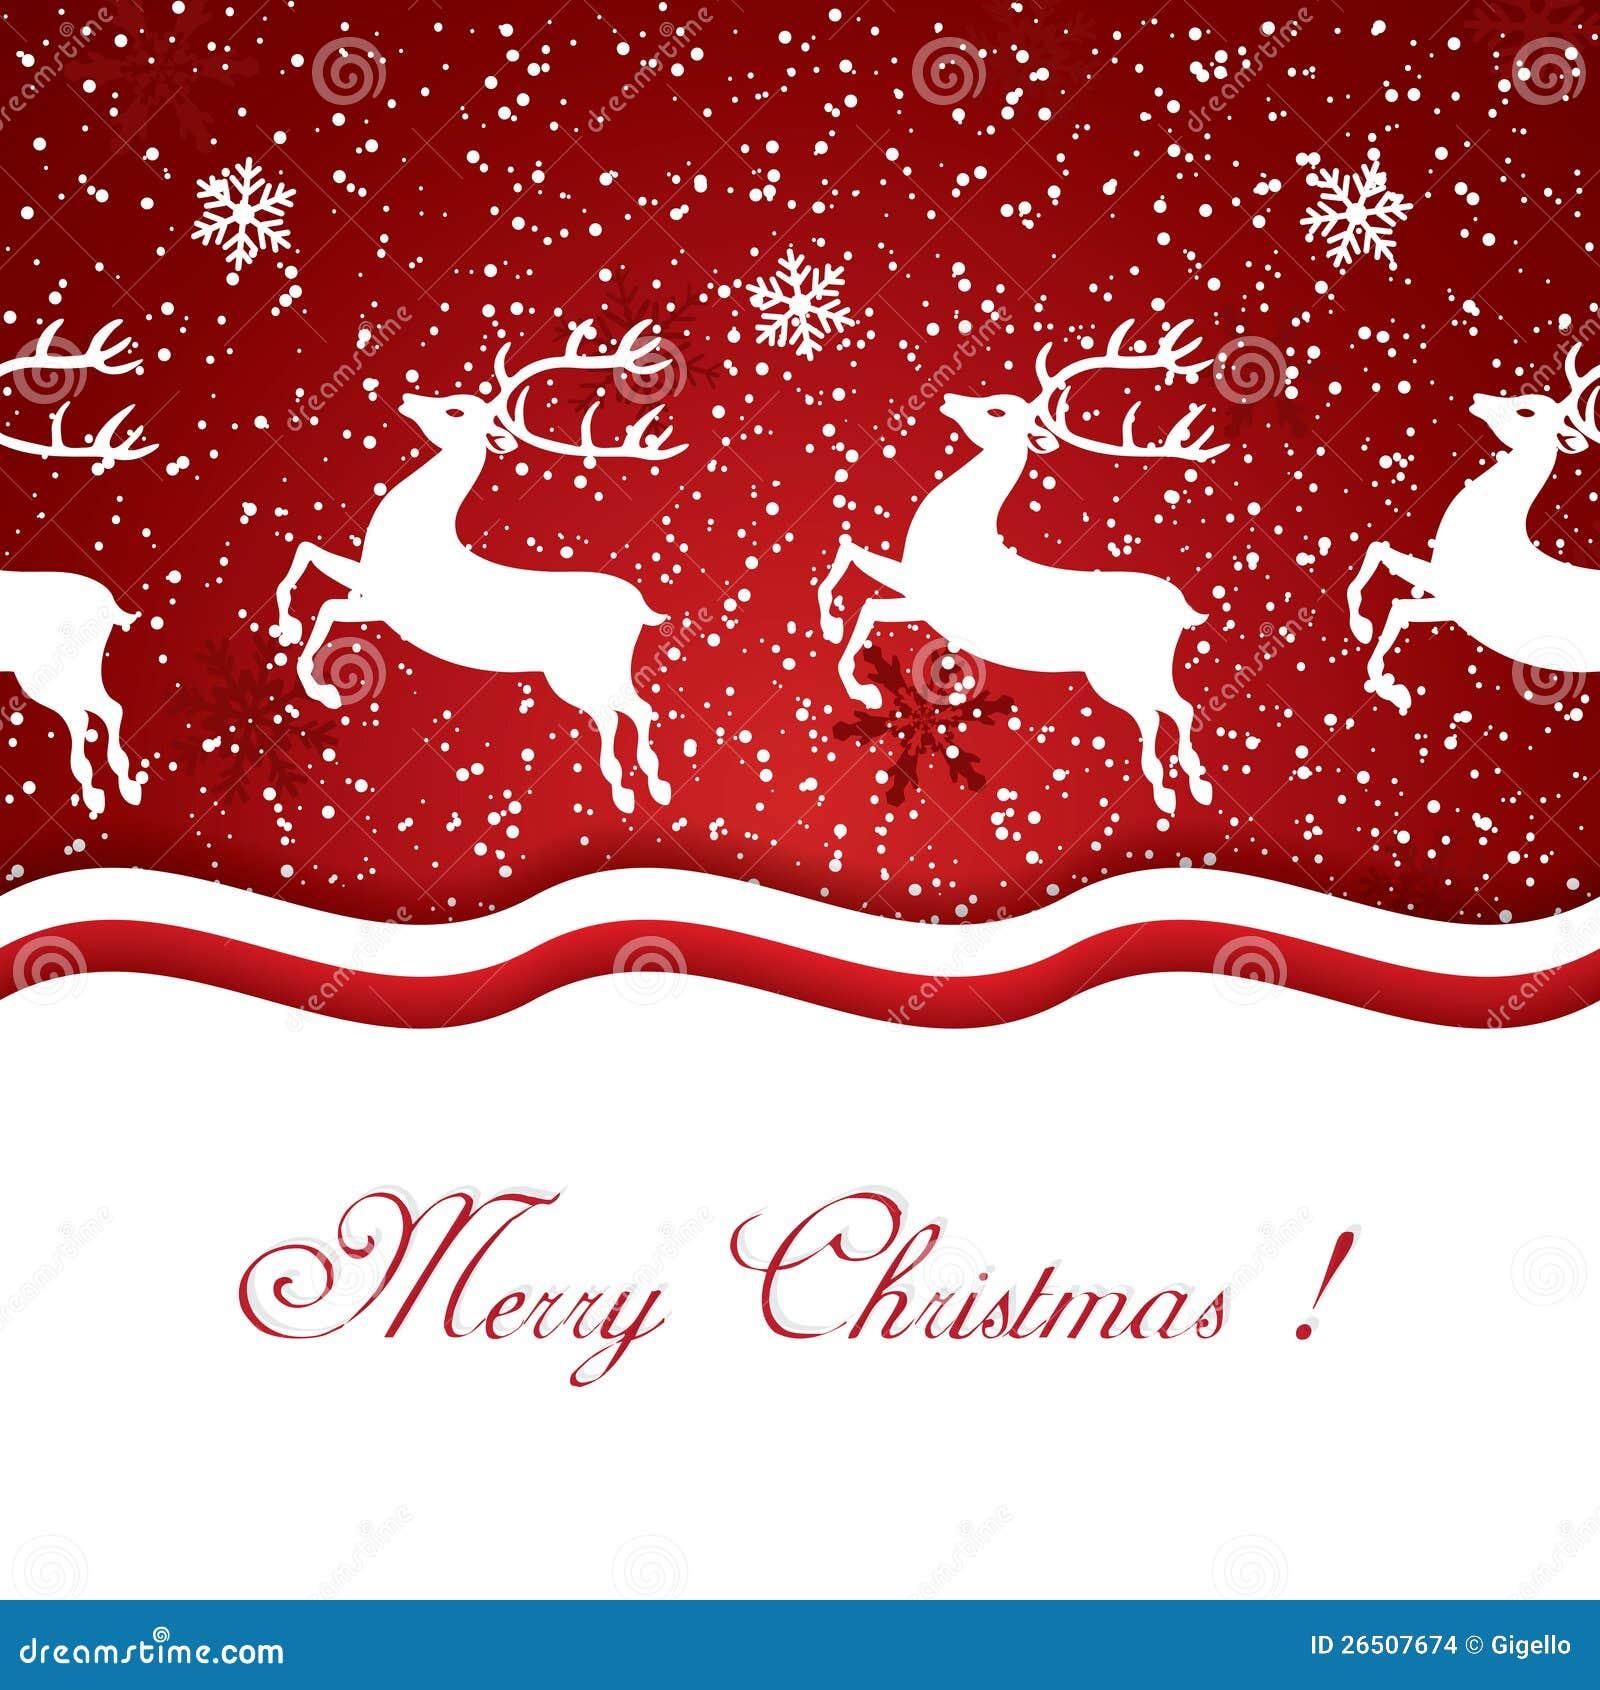 ... Gallery For - Real Christmas Reindeers Real Santa Sleigh And Reindeer